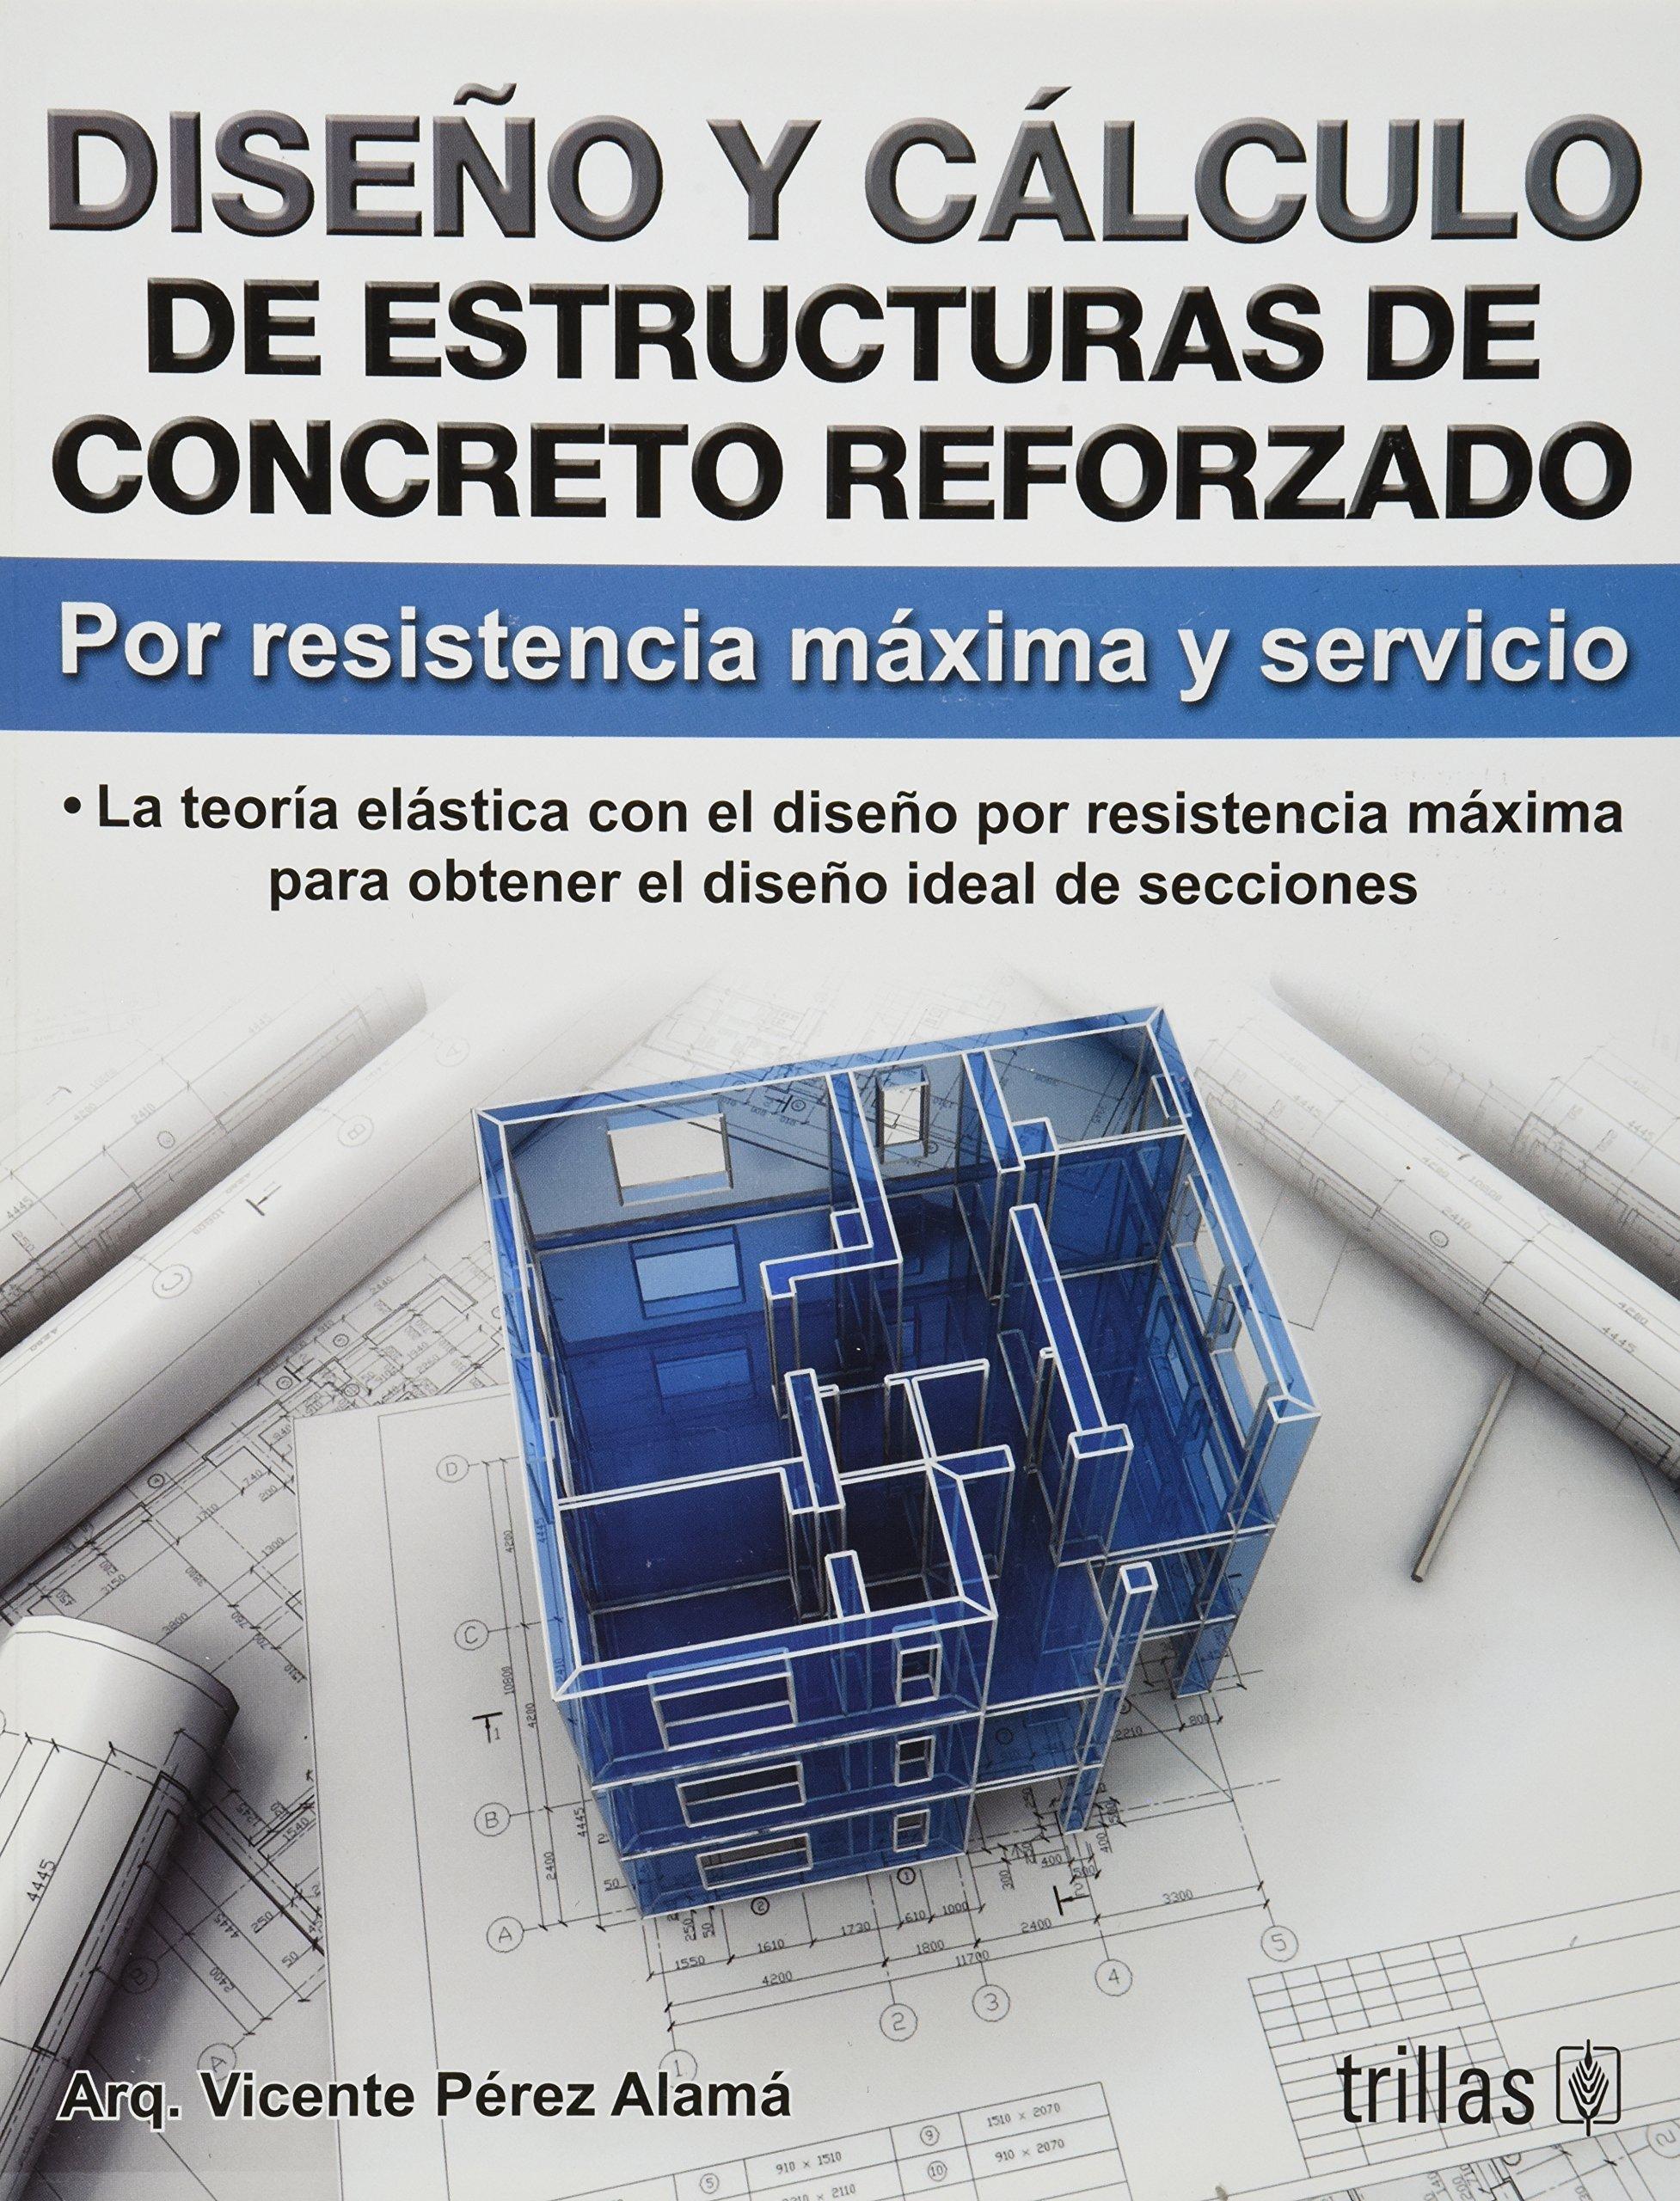 Diseno y calculo de estructuras de concreto reforzado/ Design and calculation of reinforced concrete structures: Por Resistencia Maxima Y Servicio/ for Maximum Strength and Service (Spanish Edition)